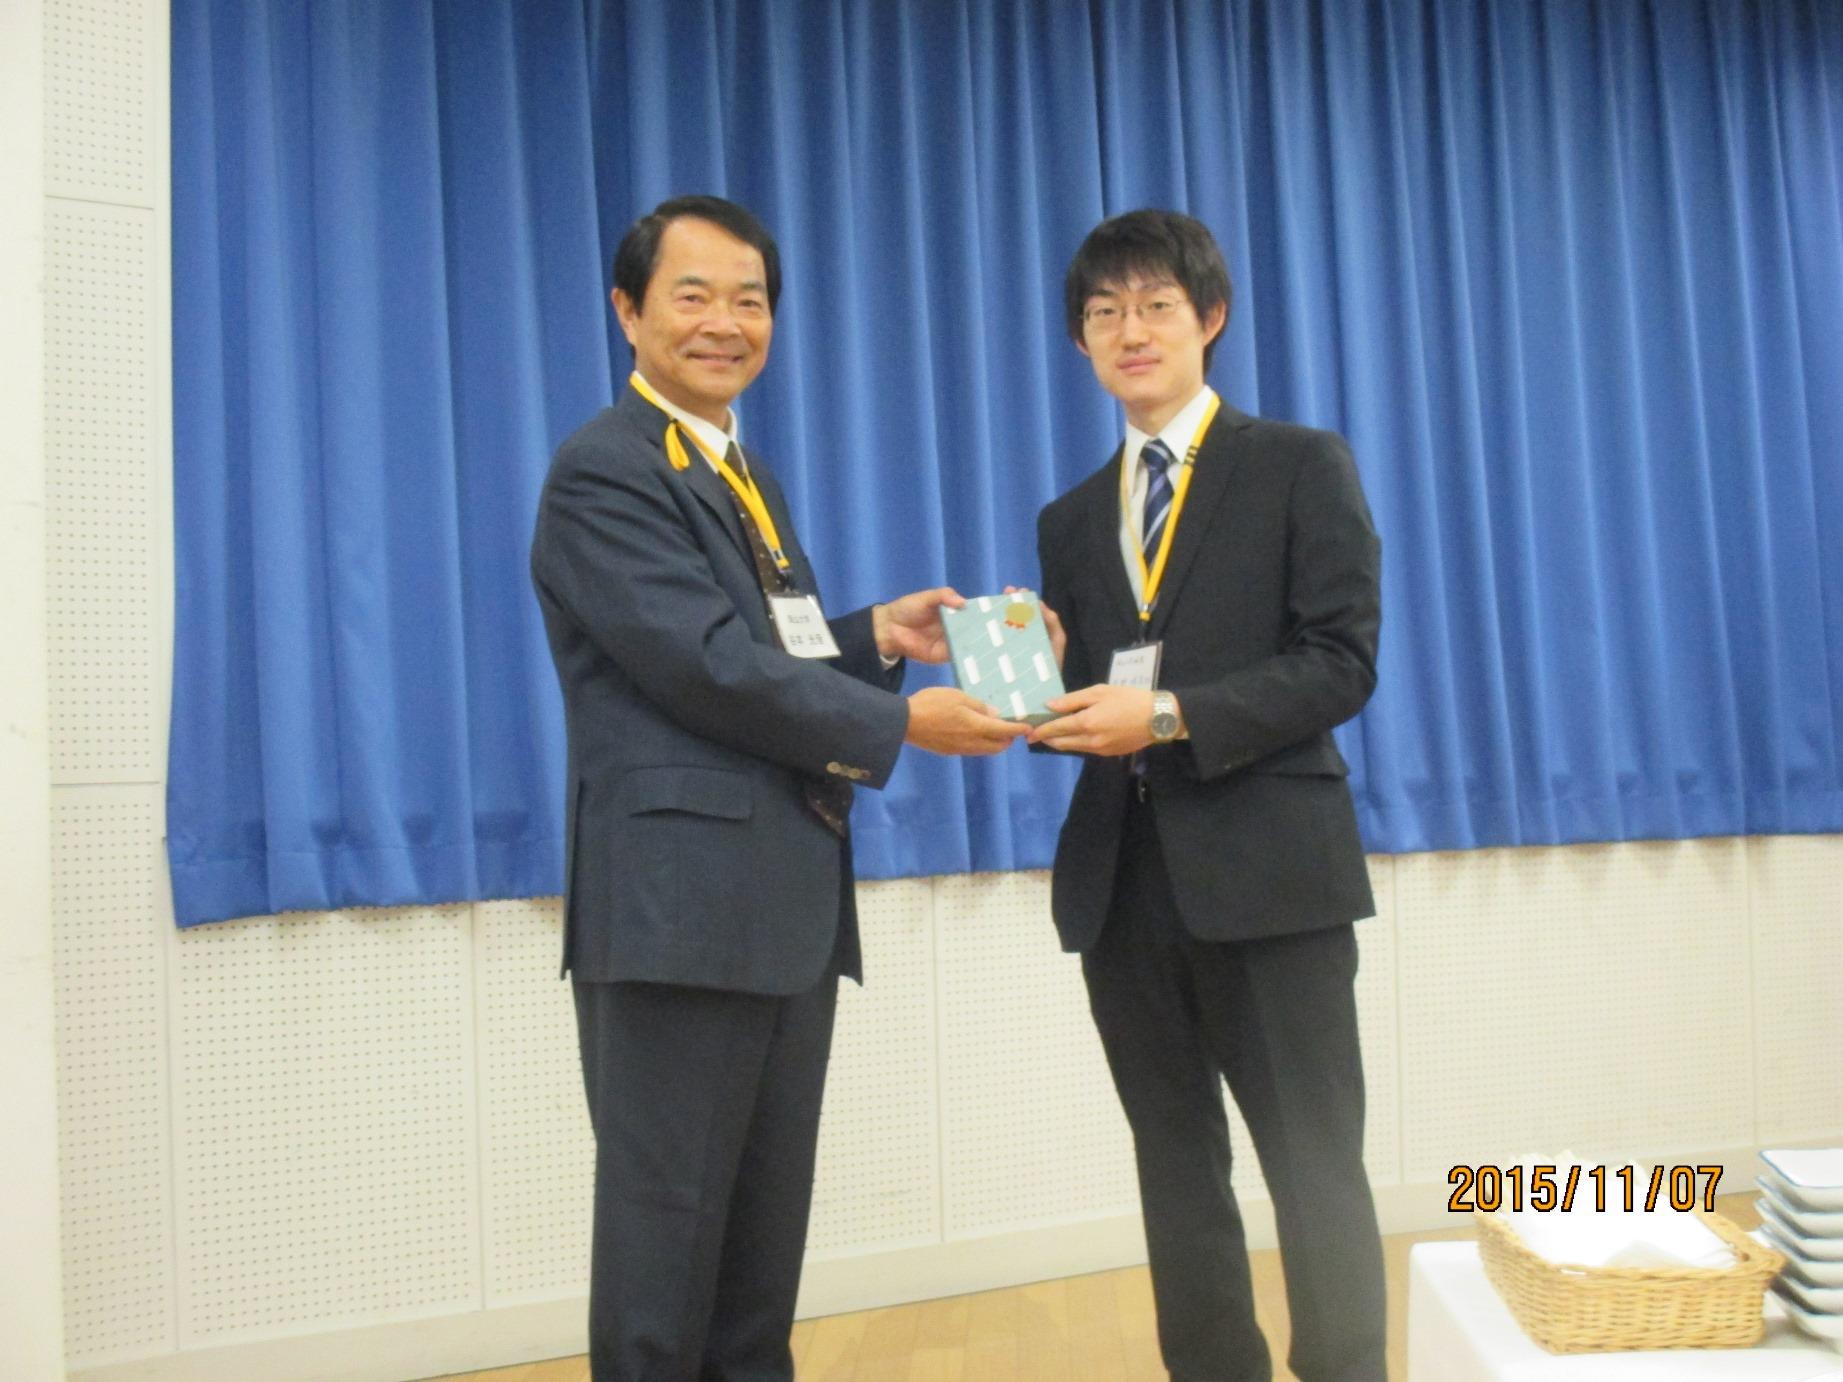 内科レジデントカンファレンス2015 in OKAYAMA (谷本光音先生,中野靖浩先生)